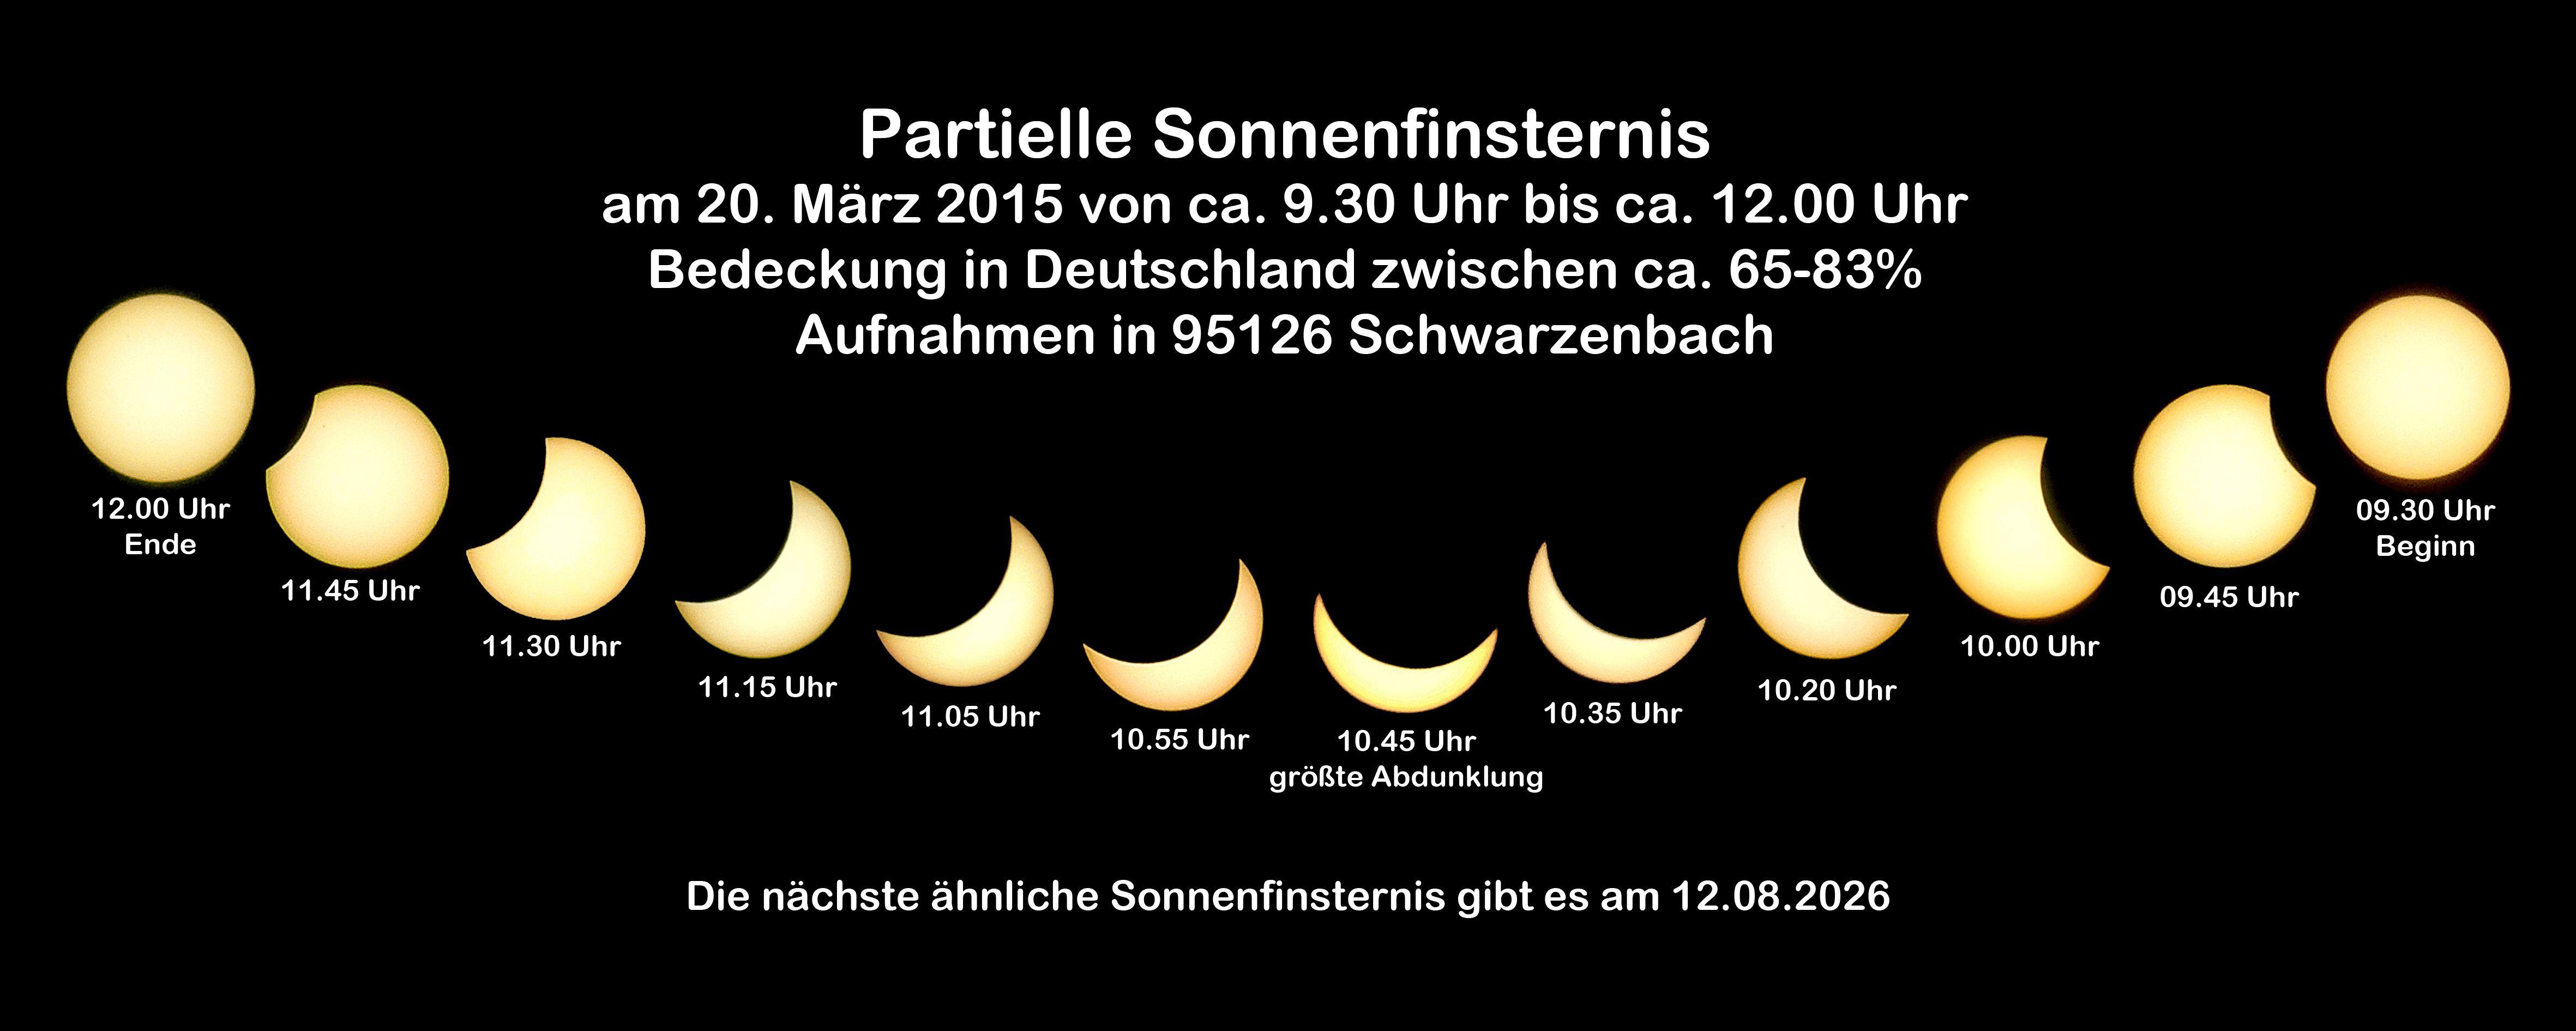 Sonnenfinsternis_Pixelio.de.jpg